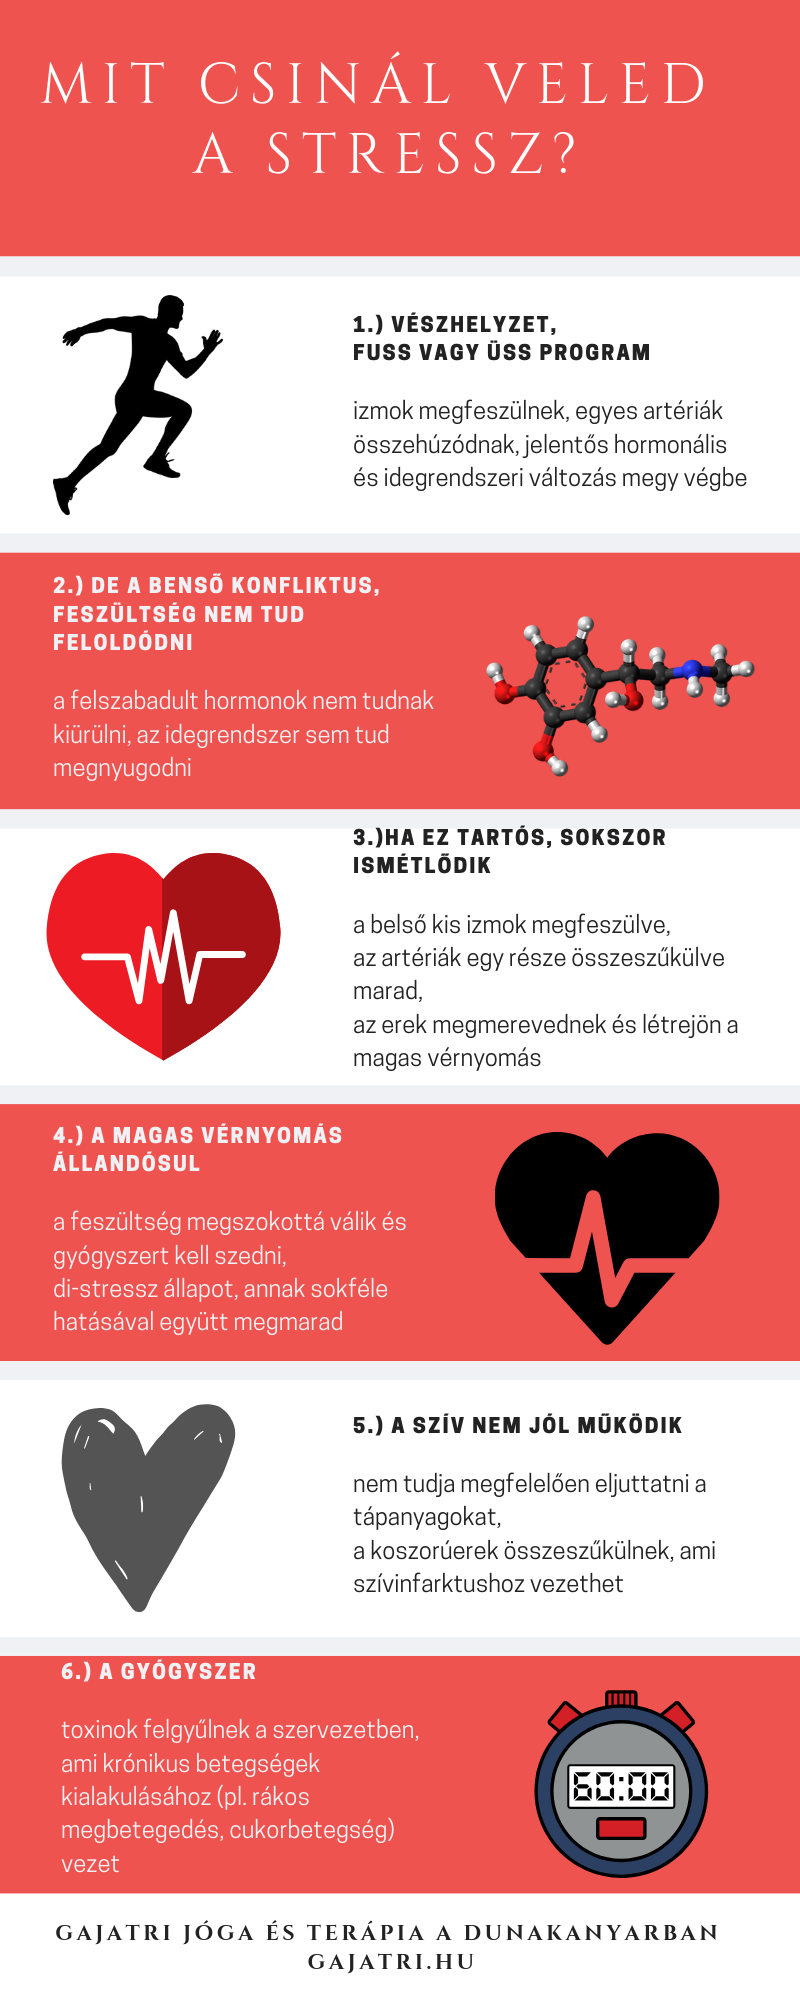 magas vérnyomás higiénés oktatás